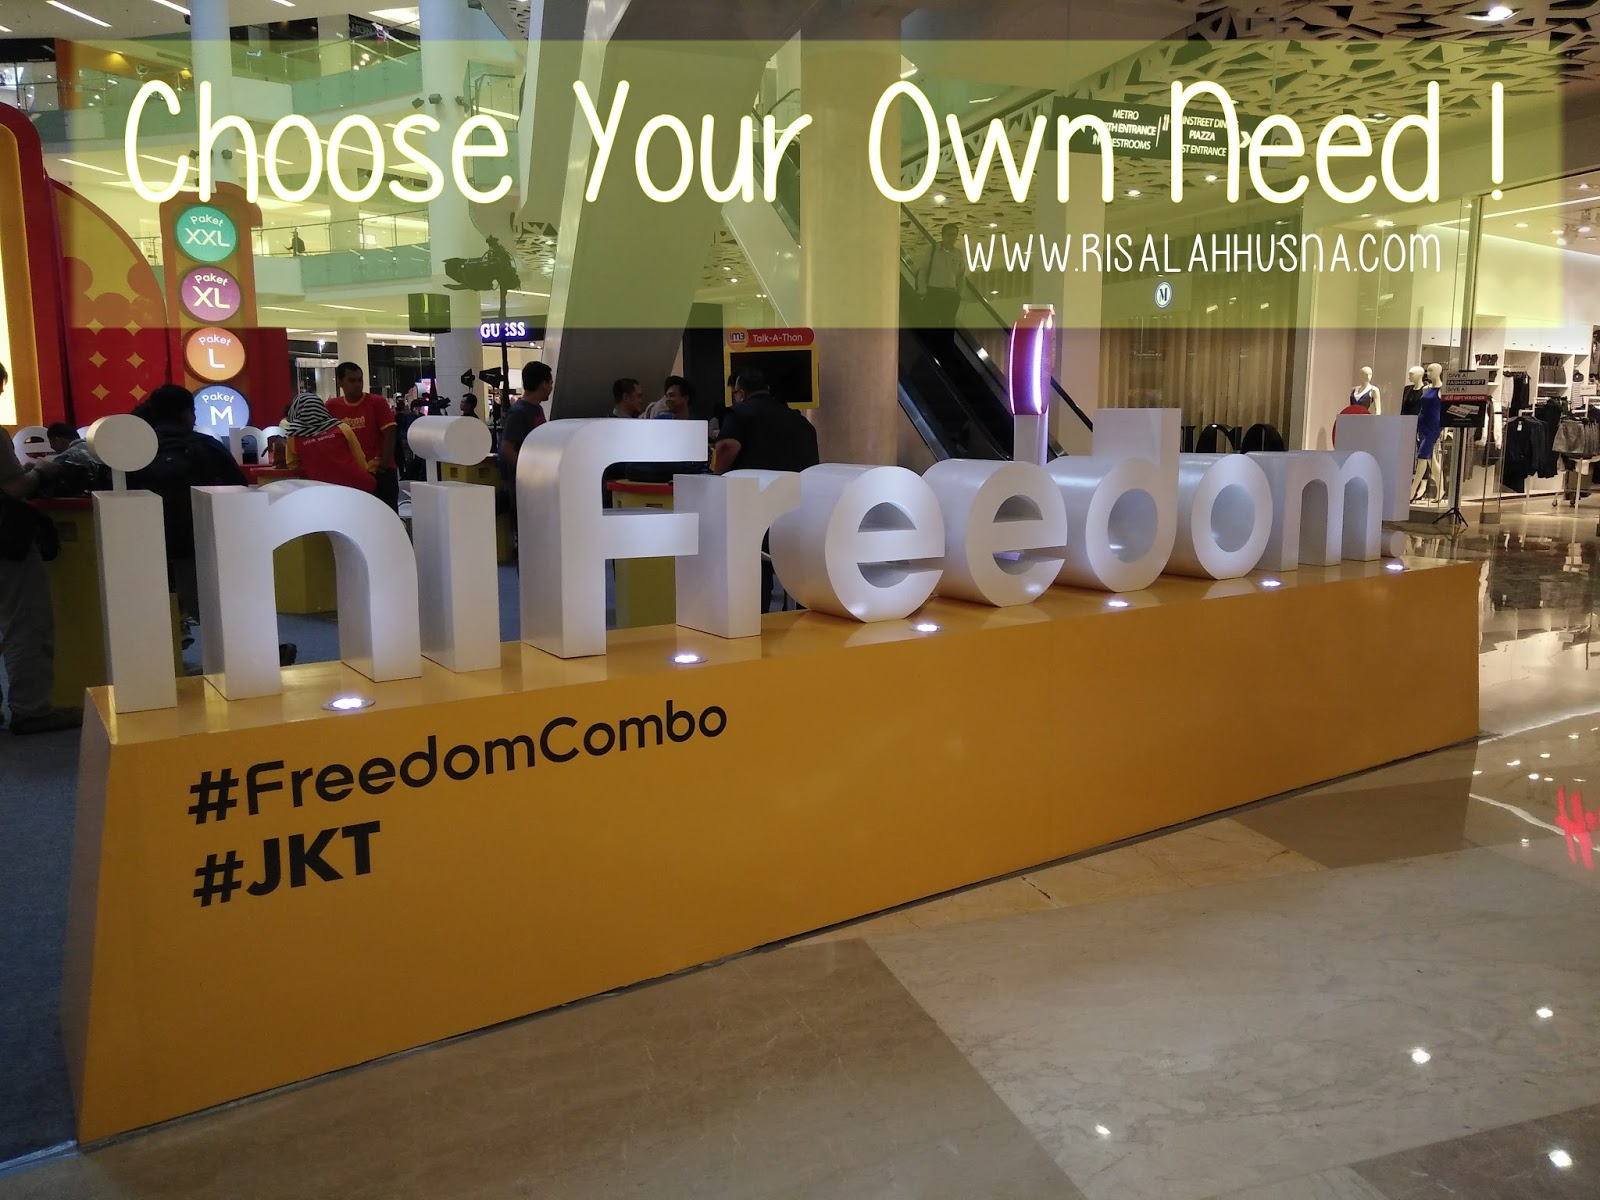 Risalah Husna Freedom Combo Pilih Yang Sesuai Kebutuhan Saja Paket M Bagi Blogger Jaringan Internet Itu Bisa Diibaratkan Pokok Bagaimana Mau Bekerja Jika Alat Perang Untuk Menulis Tidak Tersedia